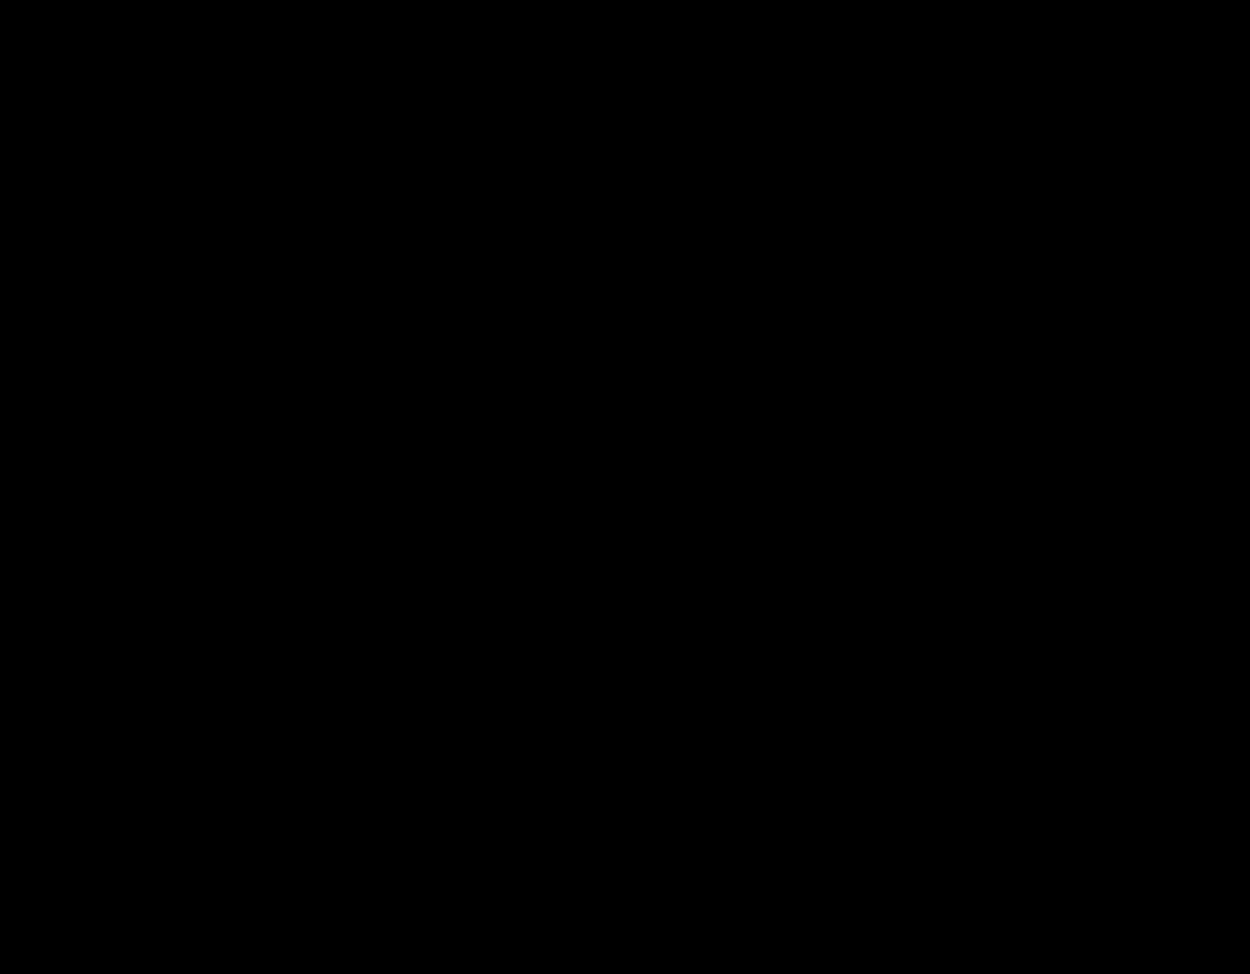 CABECERA SLIDER 2-01